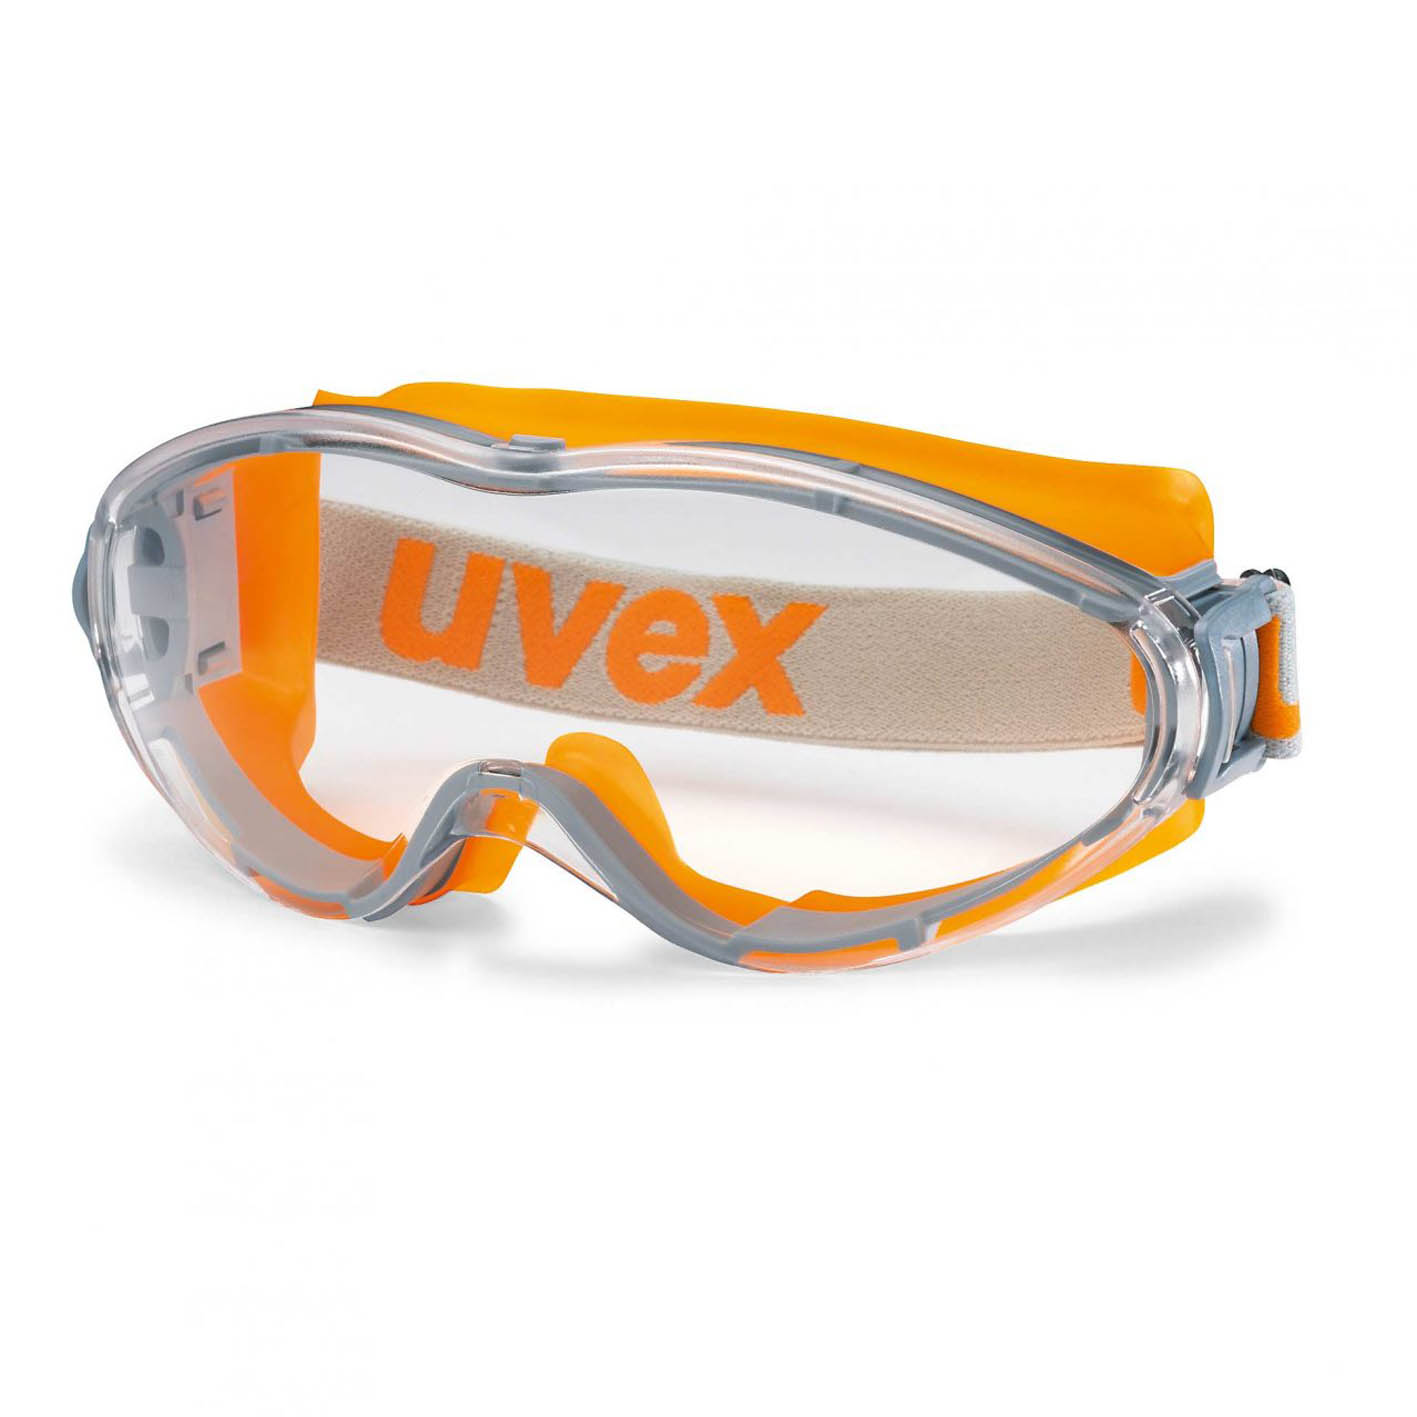 Schutzbrille Uvex Ultrasonic